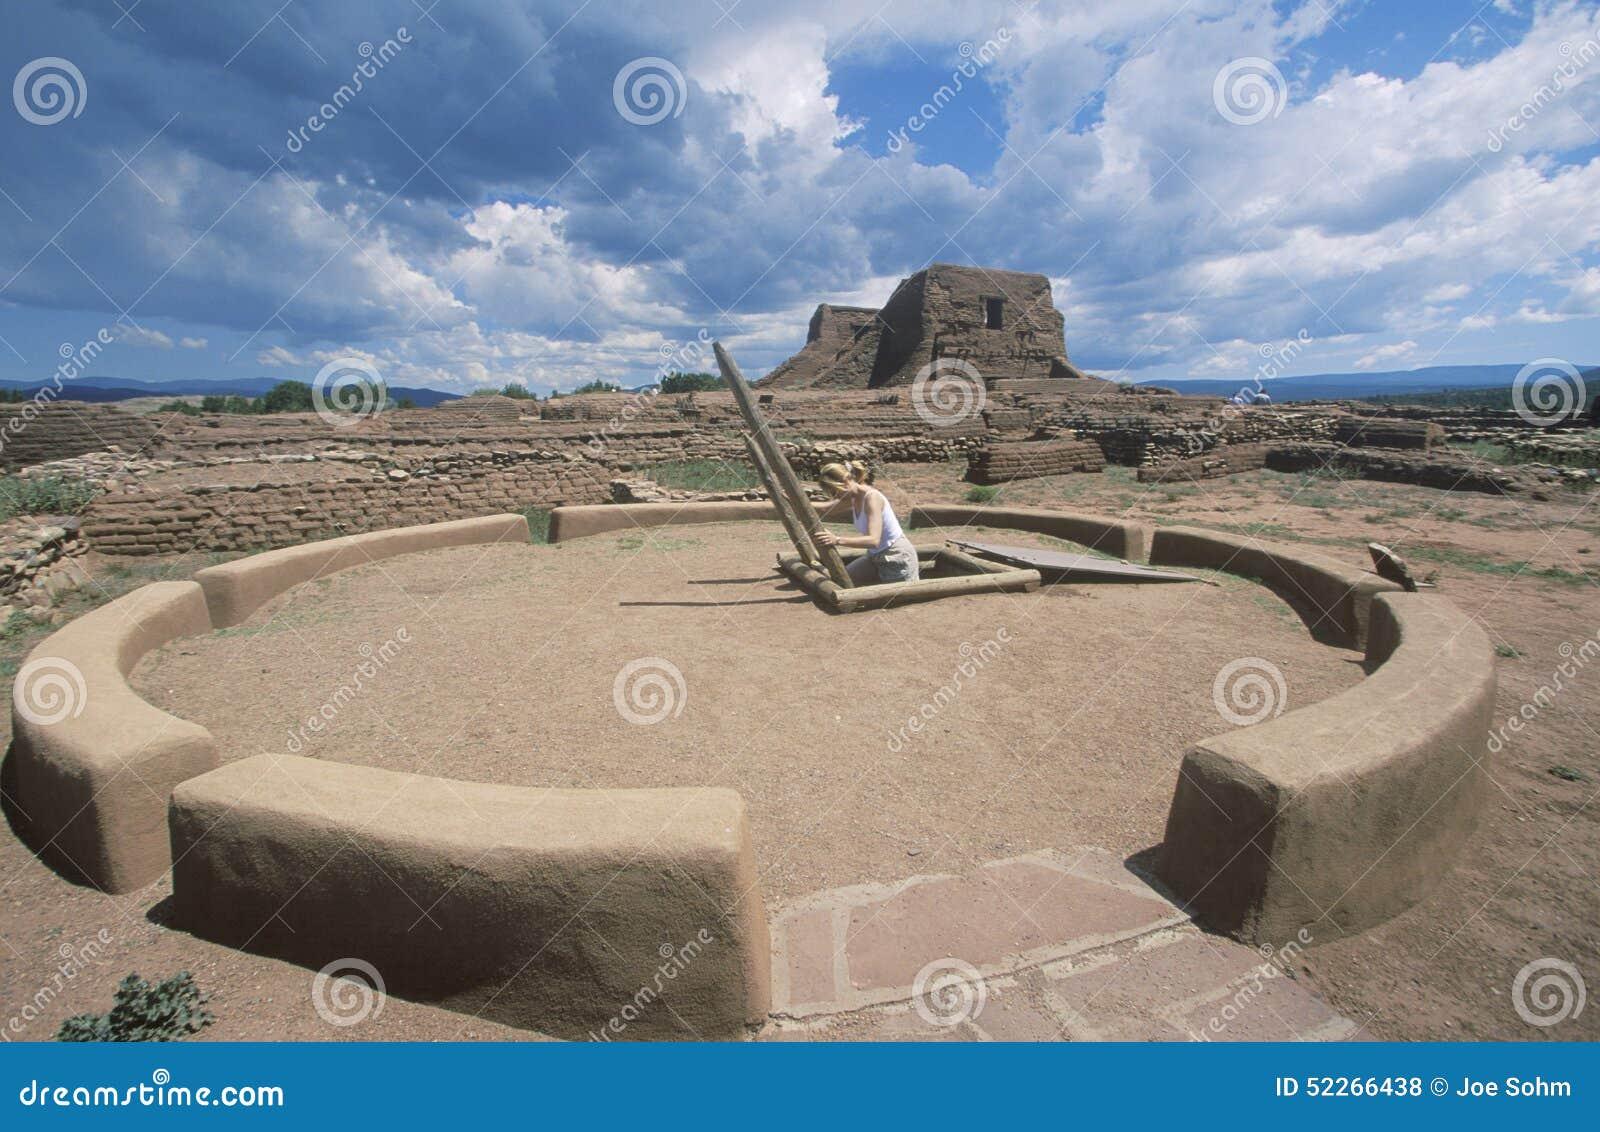 Kiva e sala cerimonial do povoado indígeno, cerca do ANÚNCIO 1450-1500, parque histórico nacional dos Pecos, nanômetro